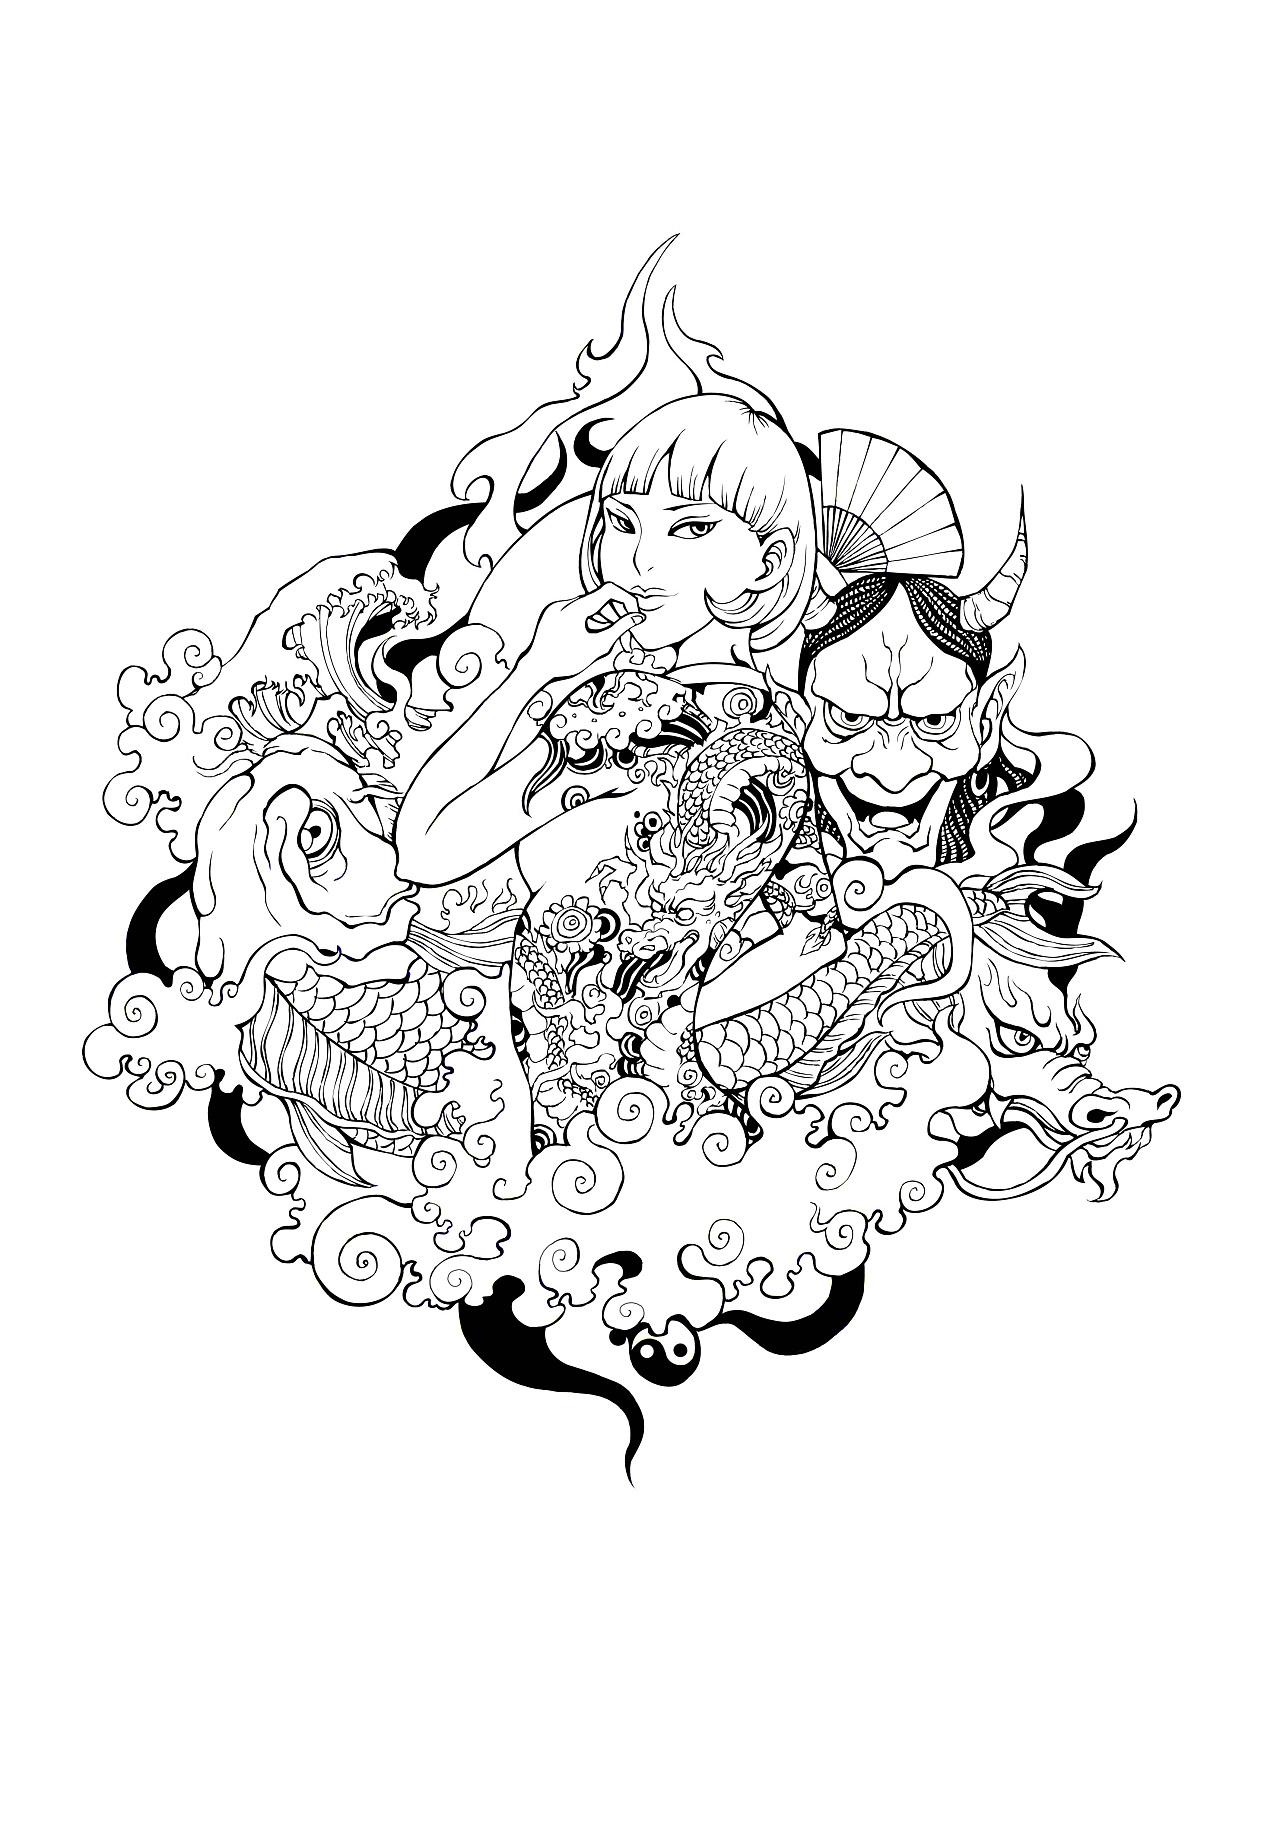 手绘作品合集|插画|插画习作|木田火山 - 原创作品